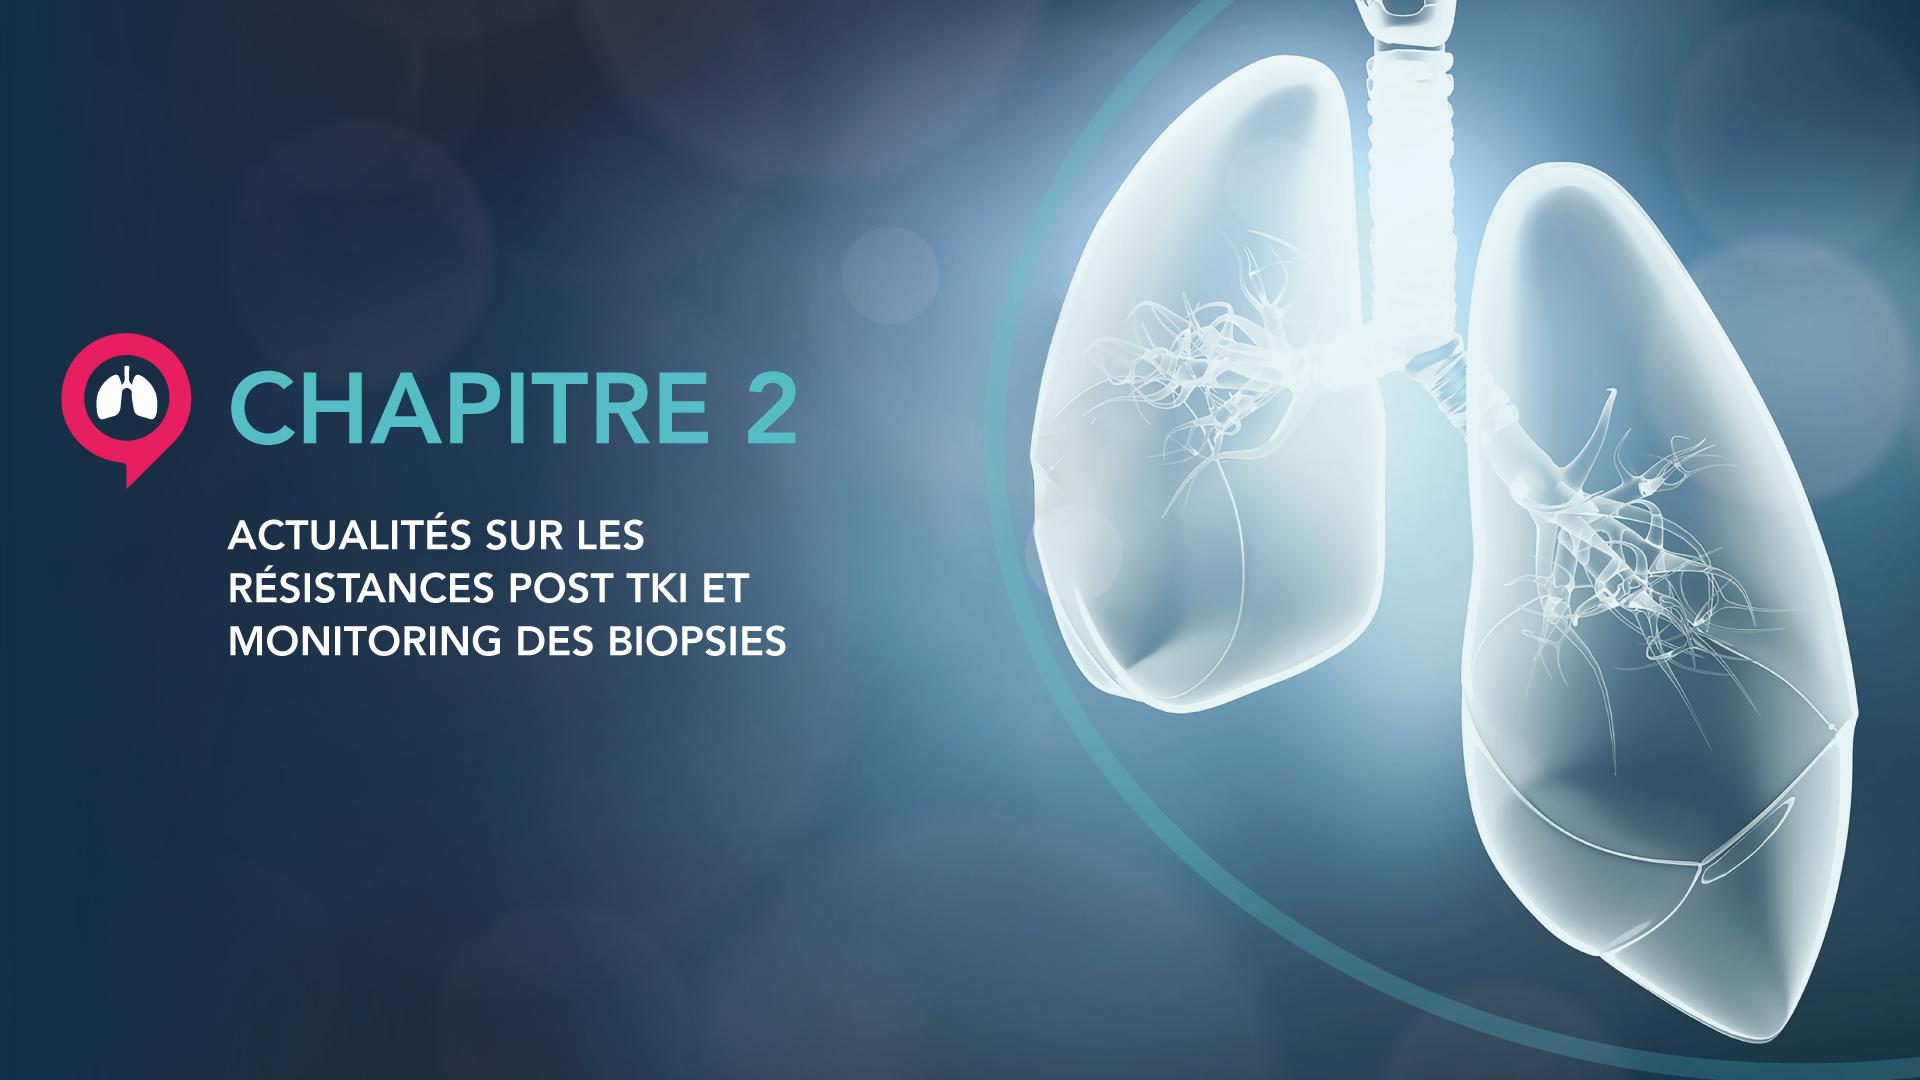 Vignettes-videos_Chapitre-2